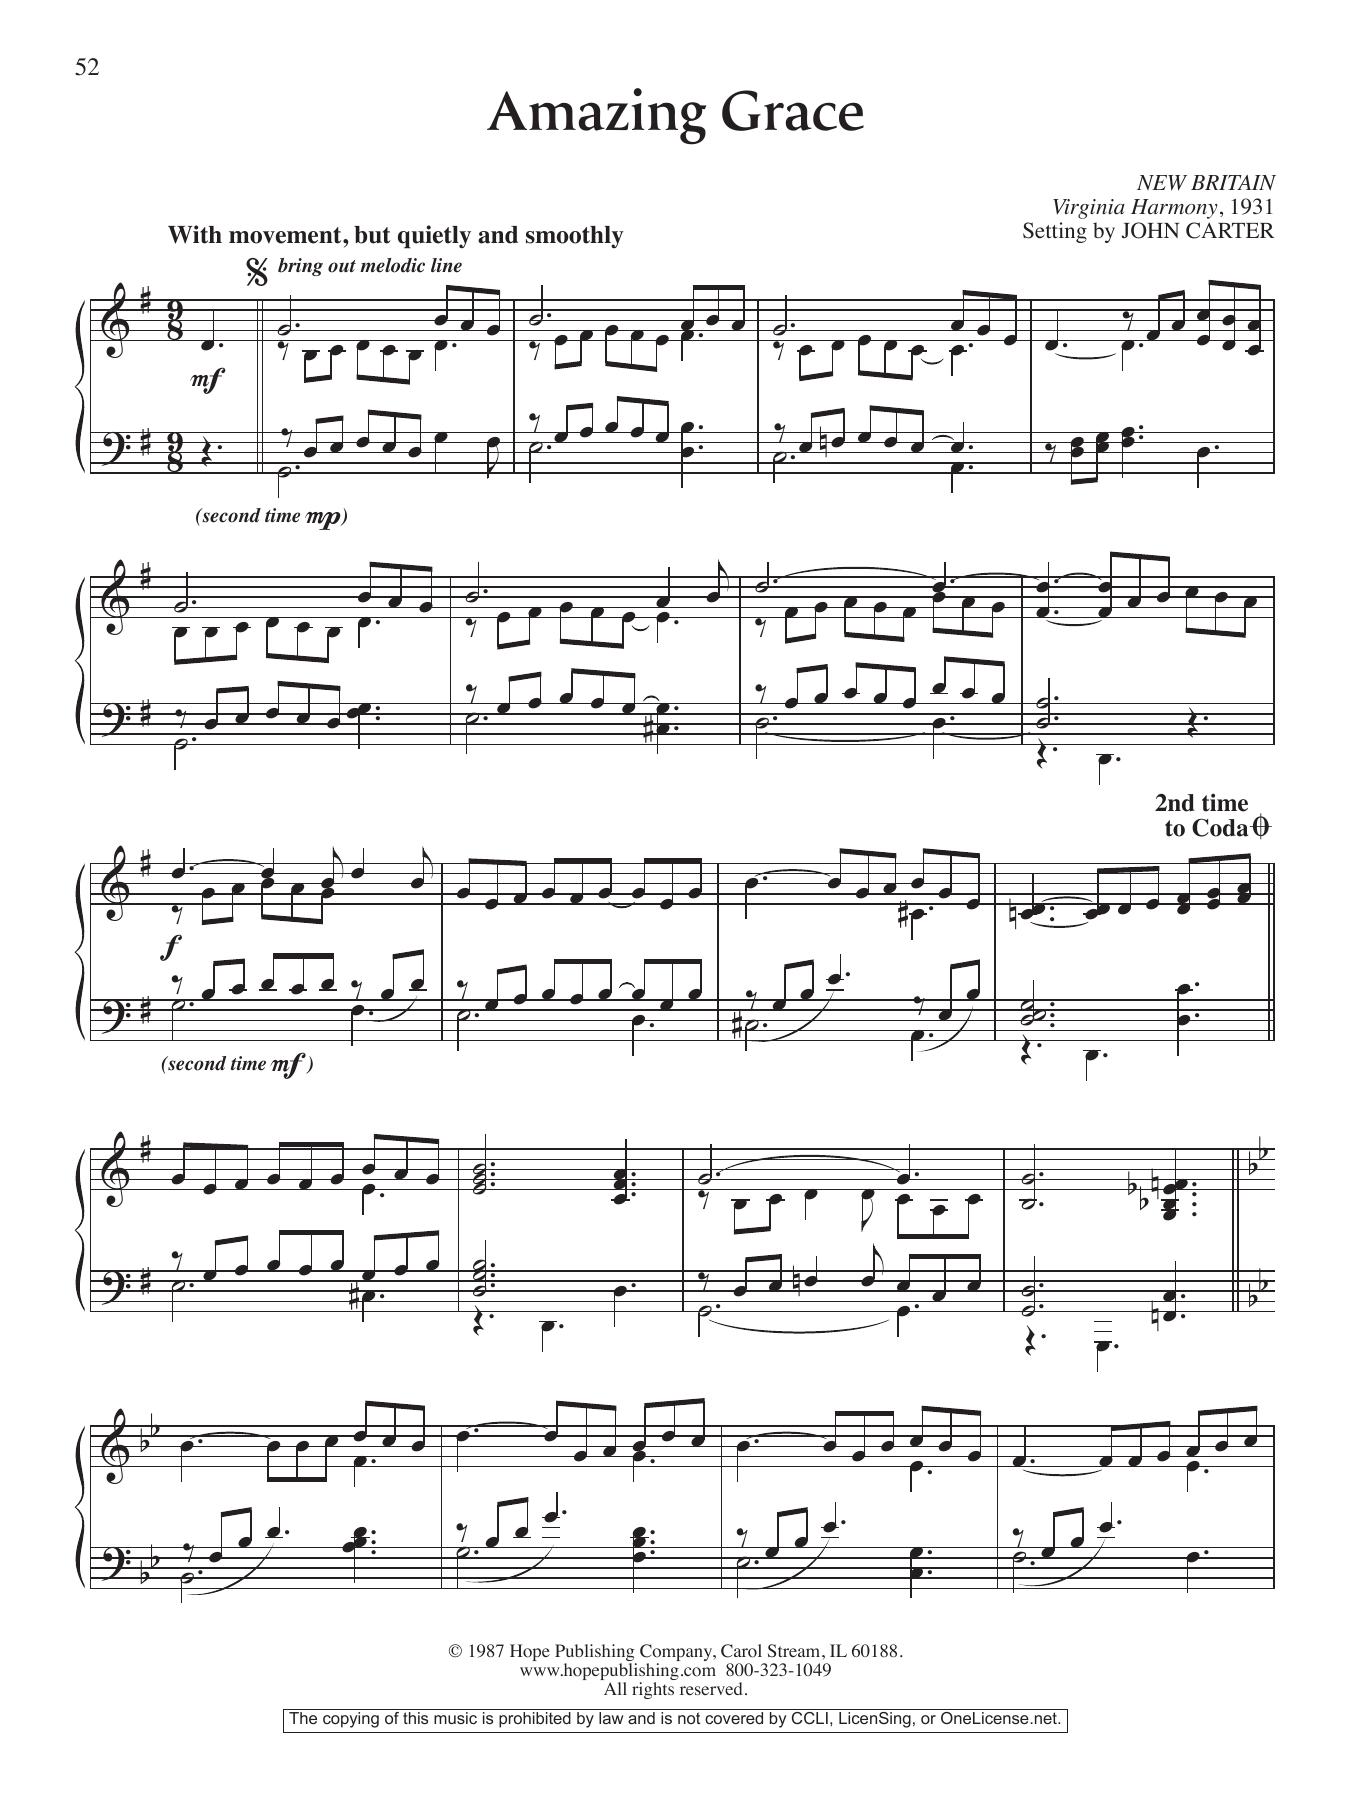 Yamaha Musicsoft Amazing Grace